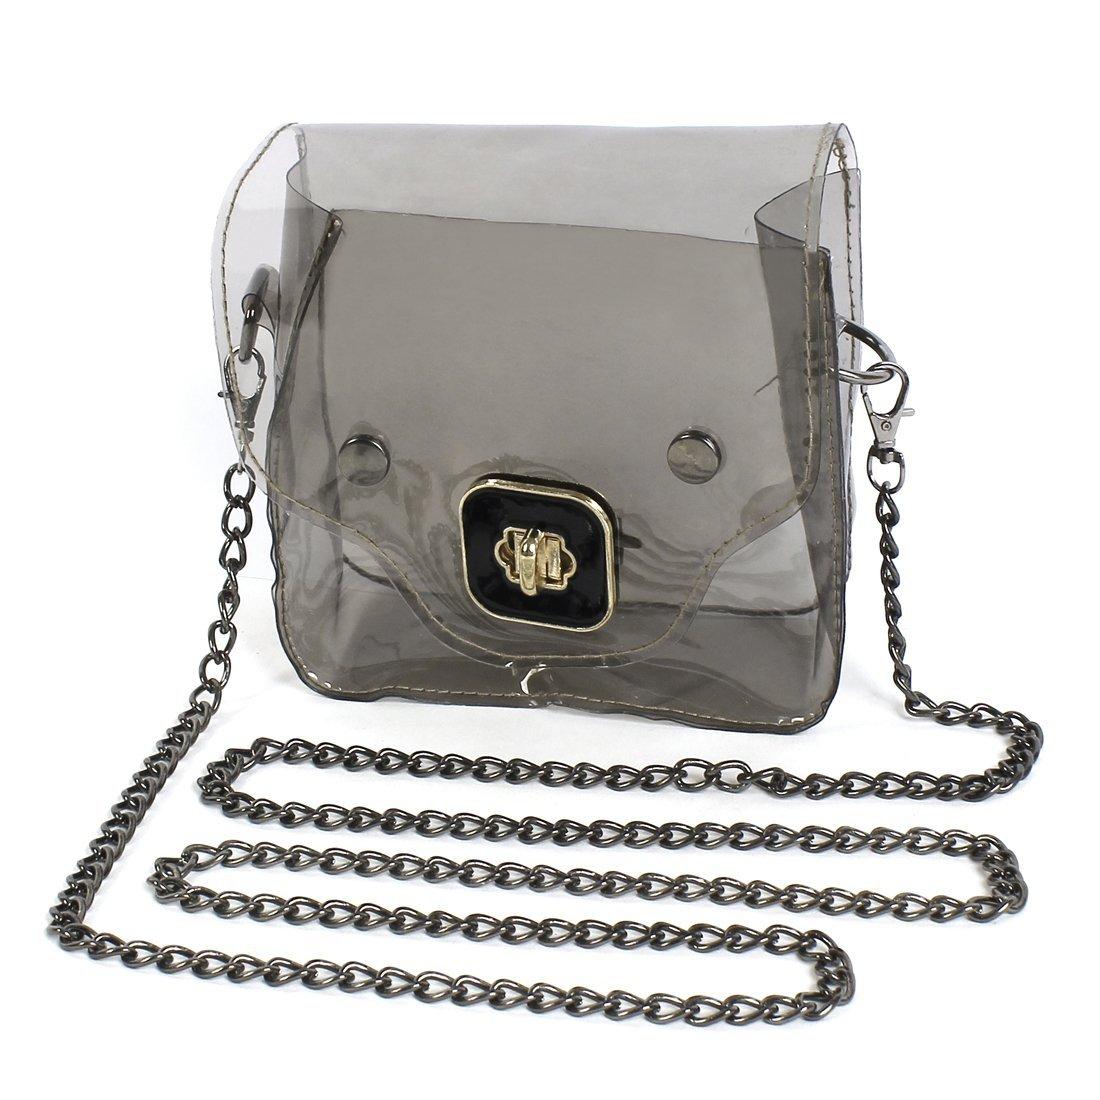 TEXU New jelly Transparent Shoulder Bag women small chian bag fashion shopping hangout bags